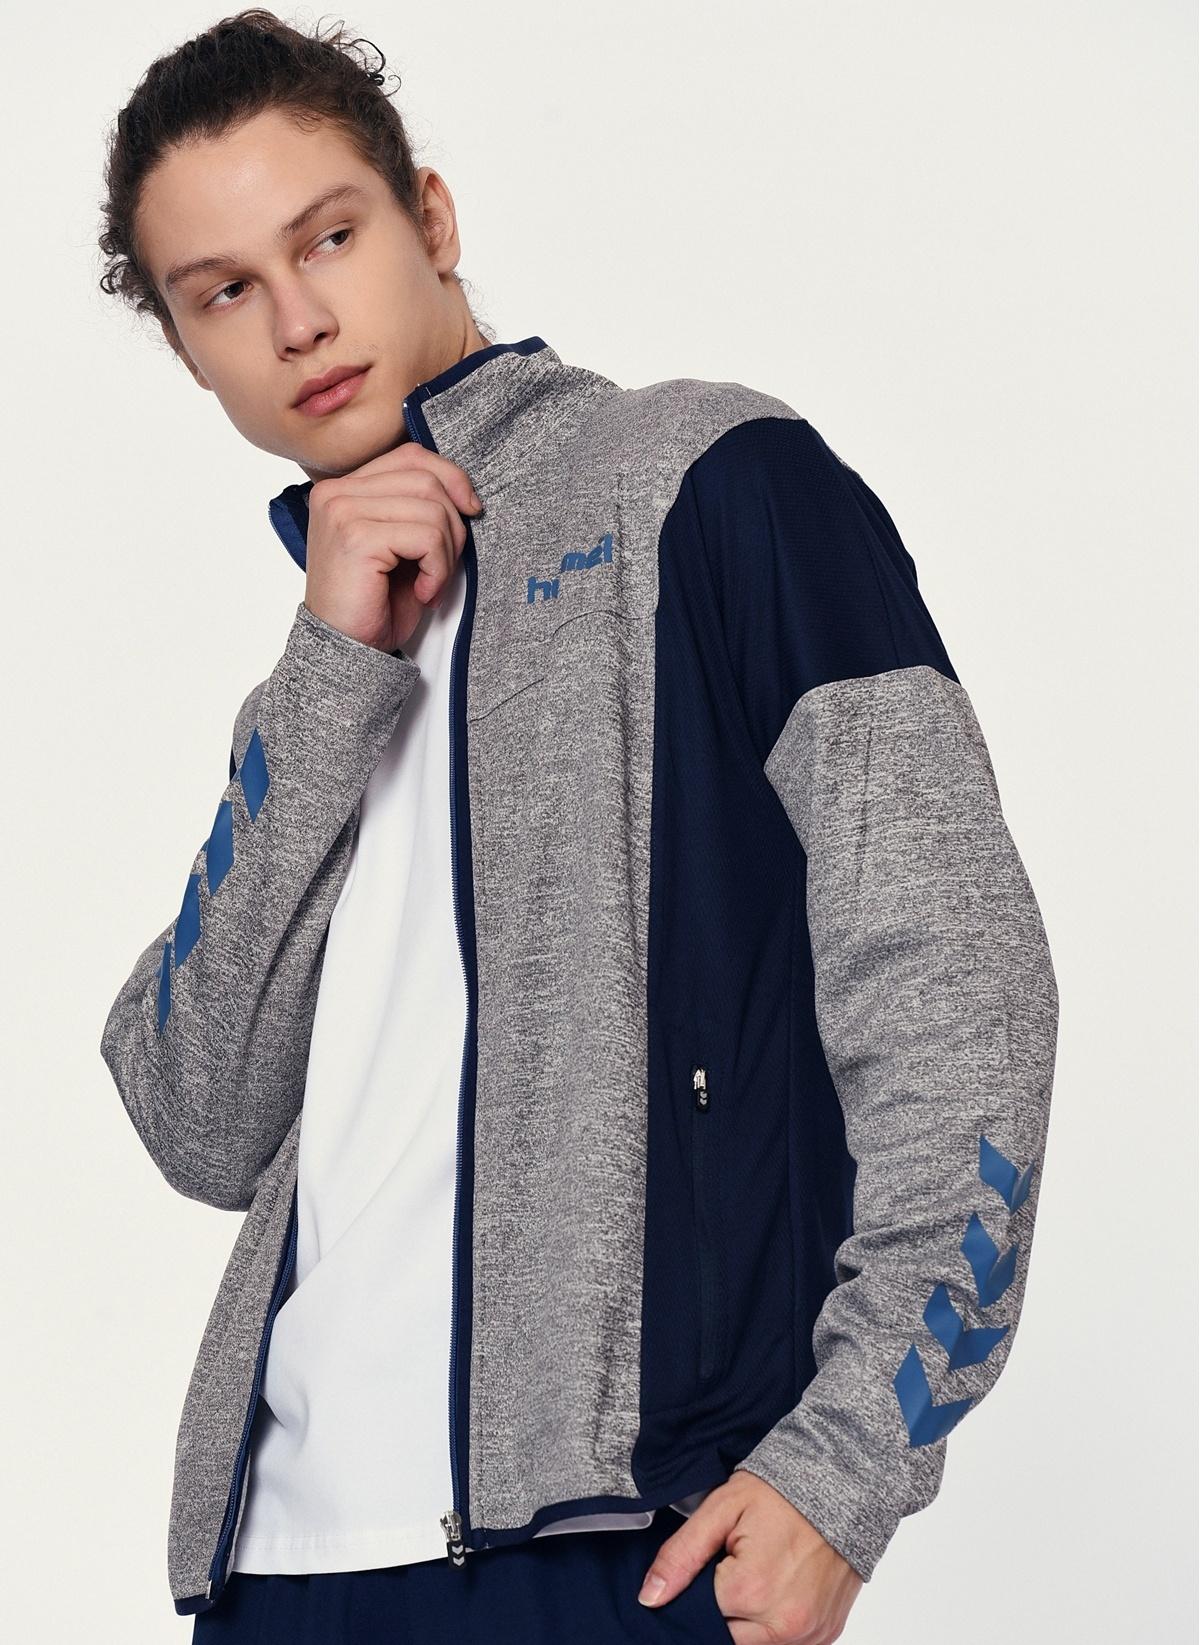 Hummel Fermuarlı Sweatshirt T36776-2006-sonny-zip-jacket-ss16 – 159.95 TL